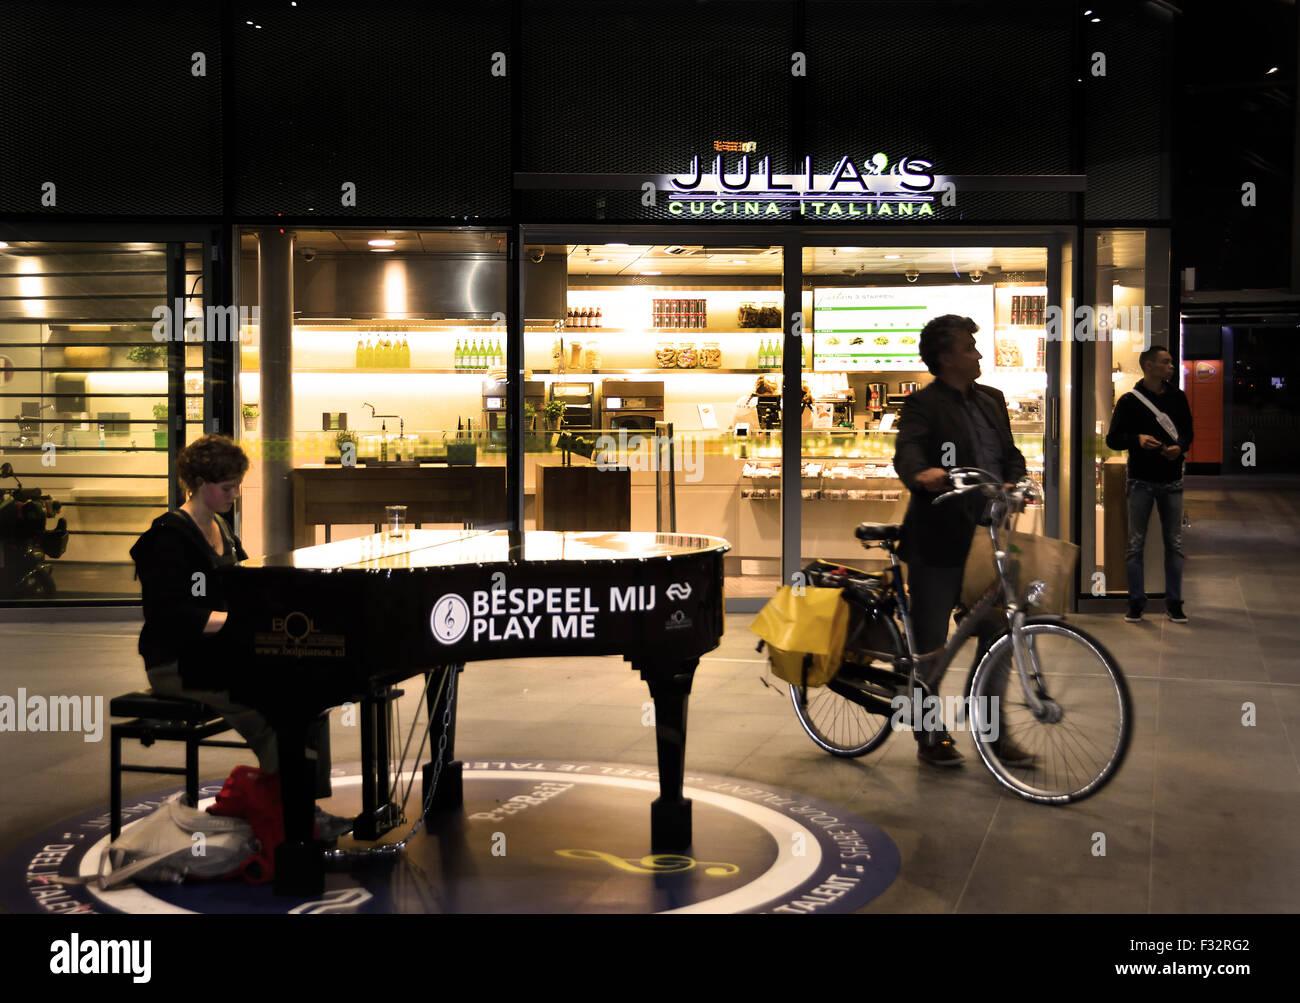 Piano bespeel reproducir en mí ( me ) Centraal Station de La Haya, Países Bajos ( Música frree holandés Imagen De Stock